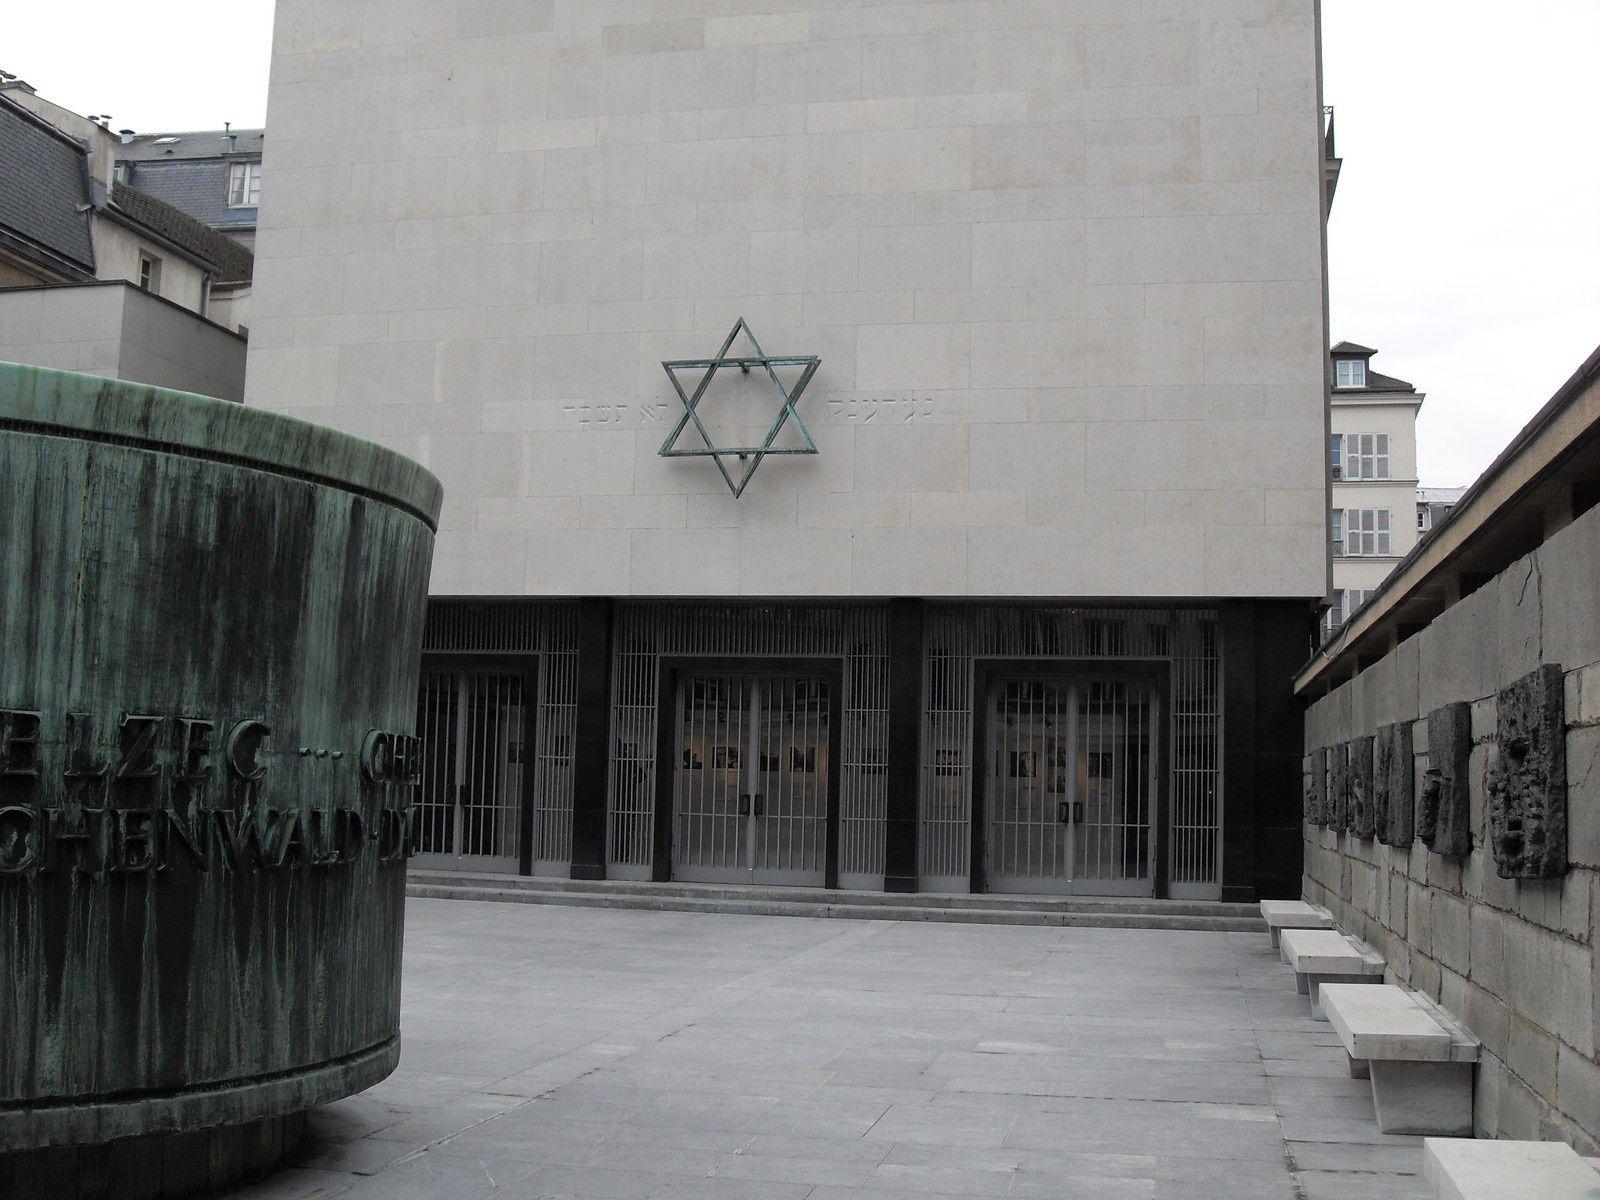 Mémorial de la Shoah, Paris, France.